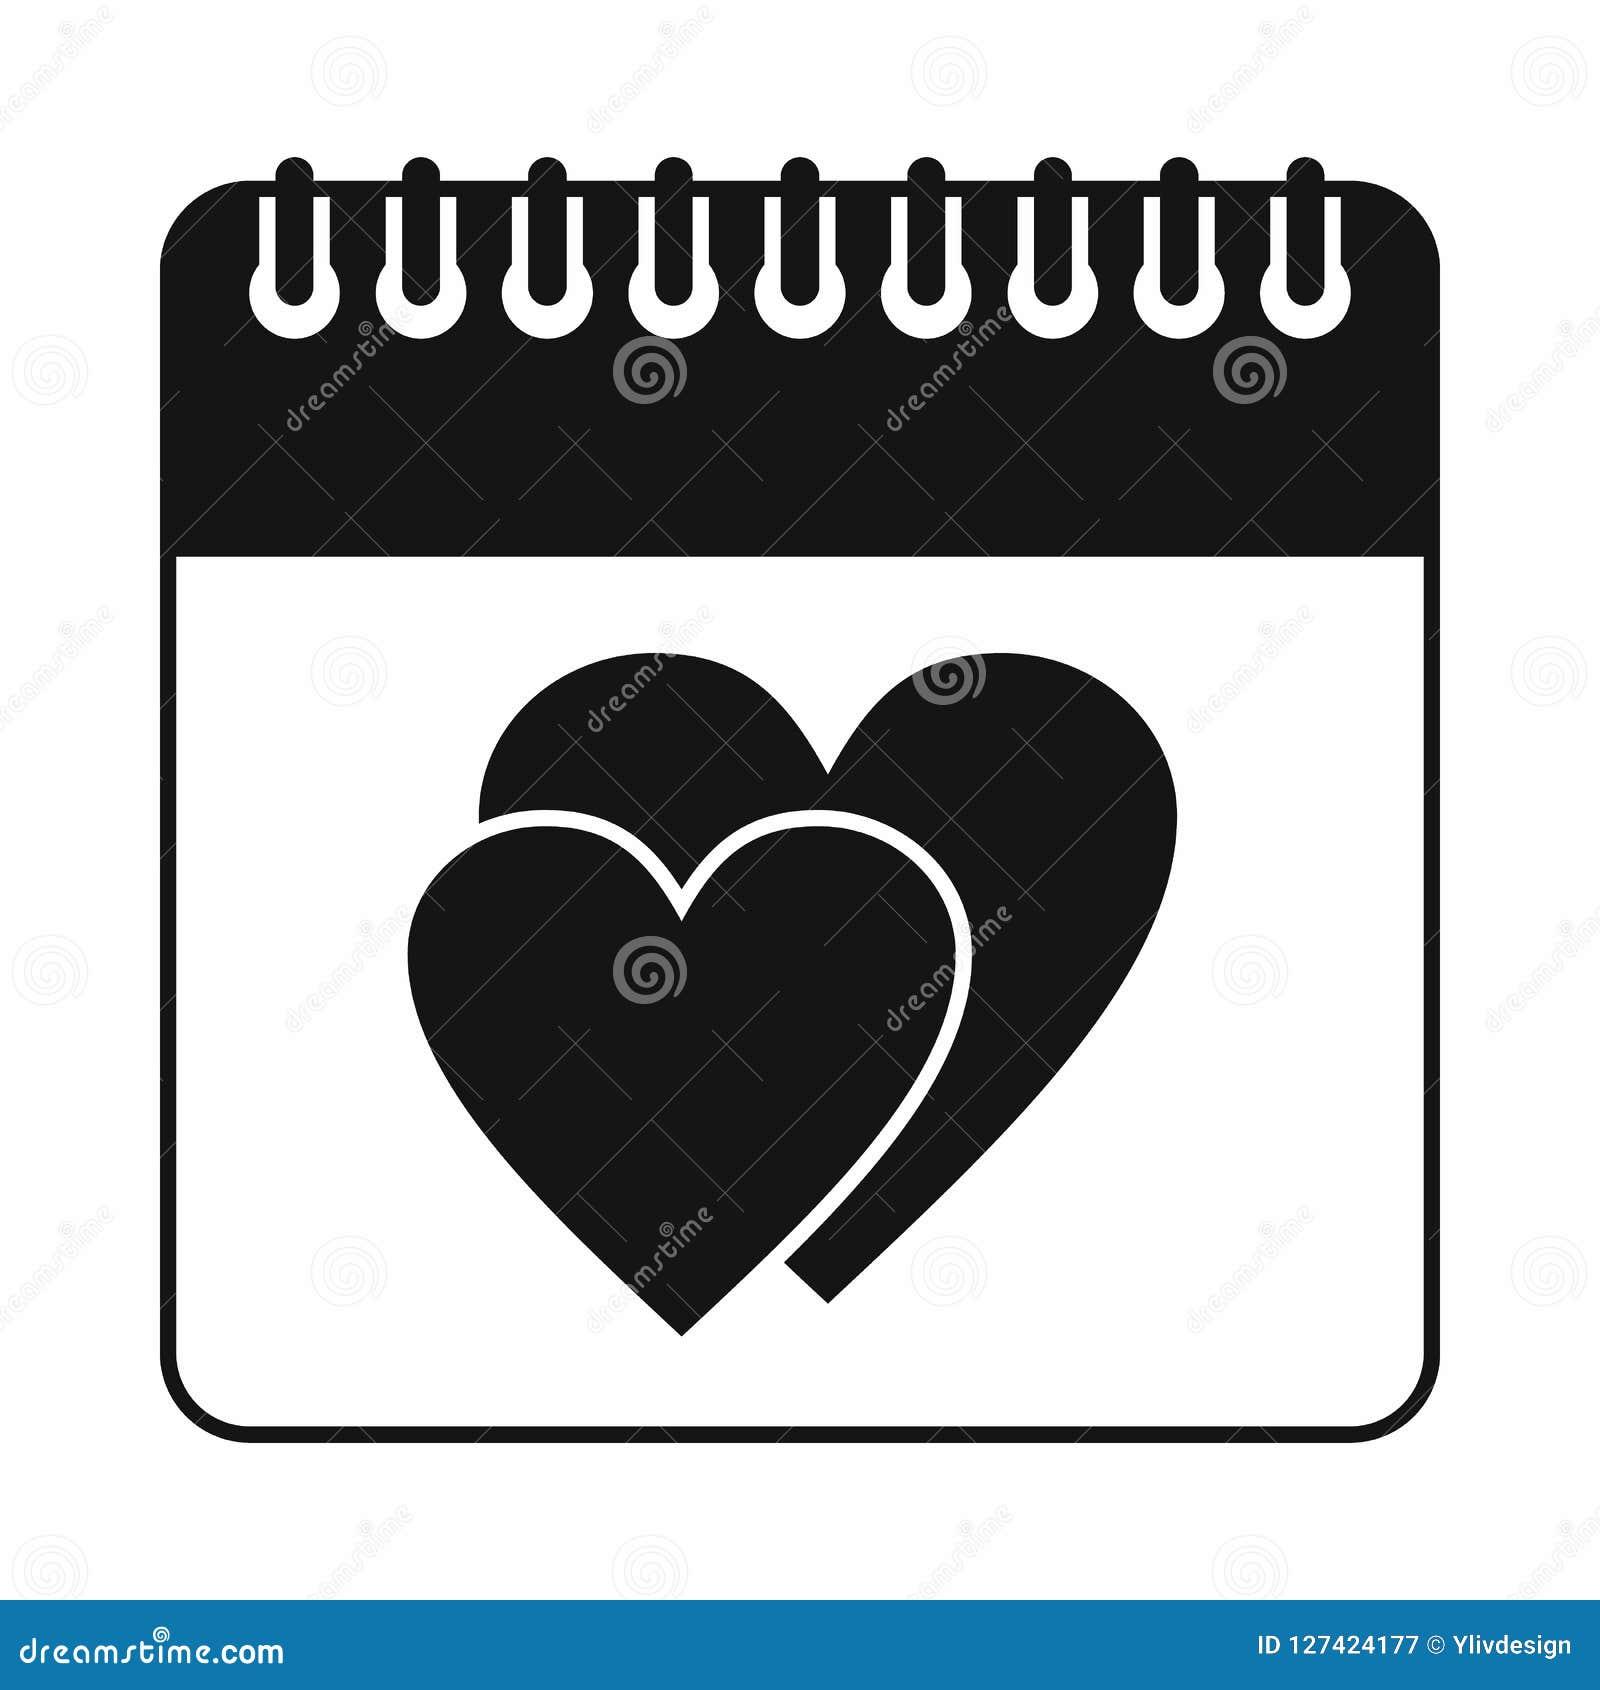 Dia da data do casamento no ícone do calendário, estilo simples